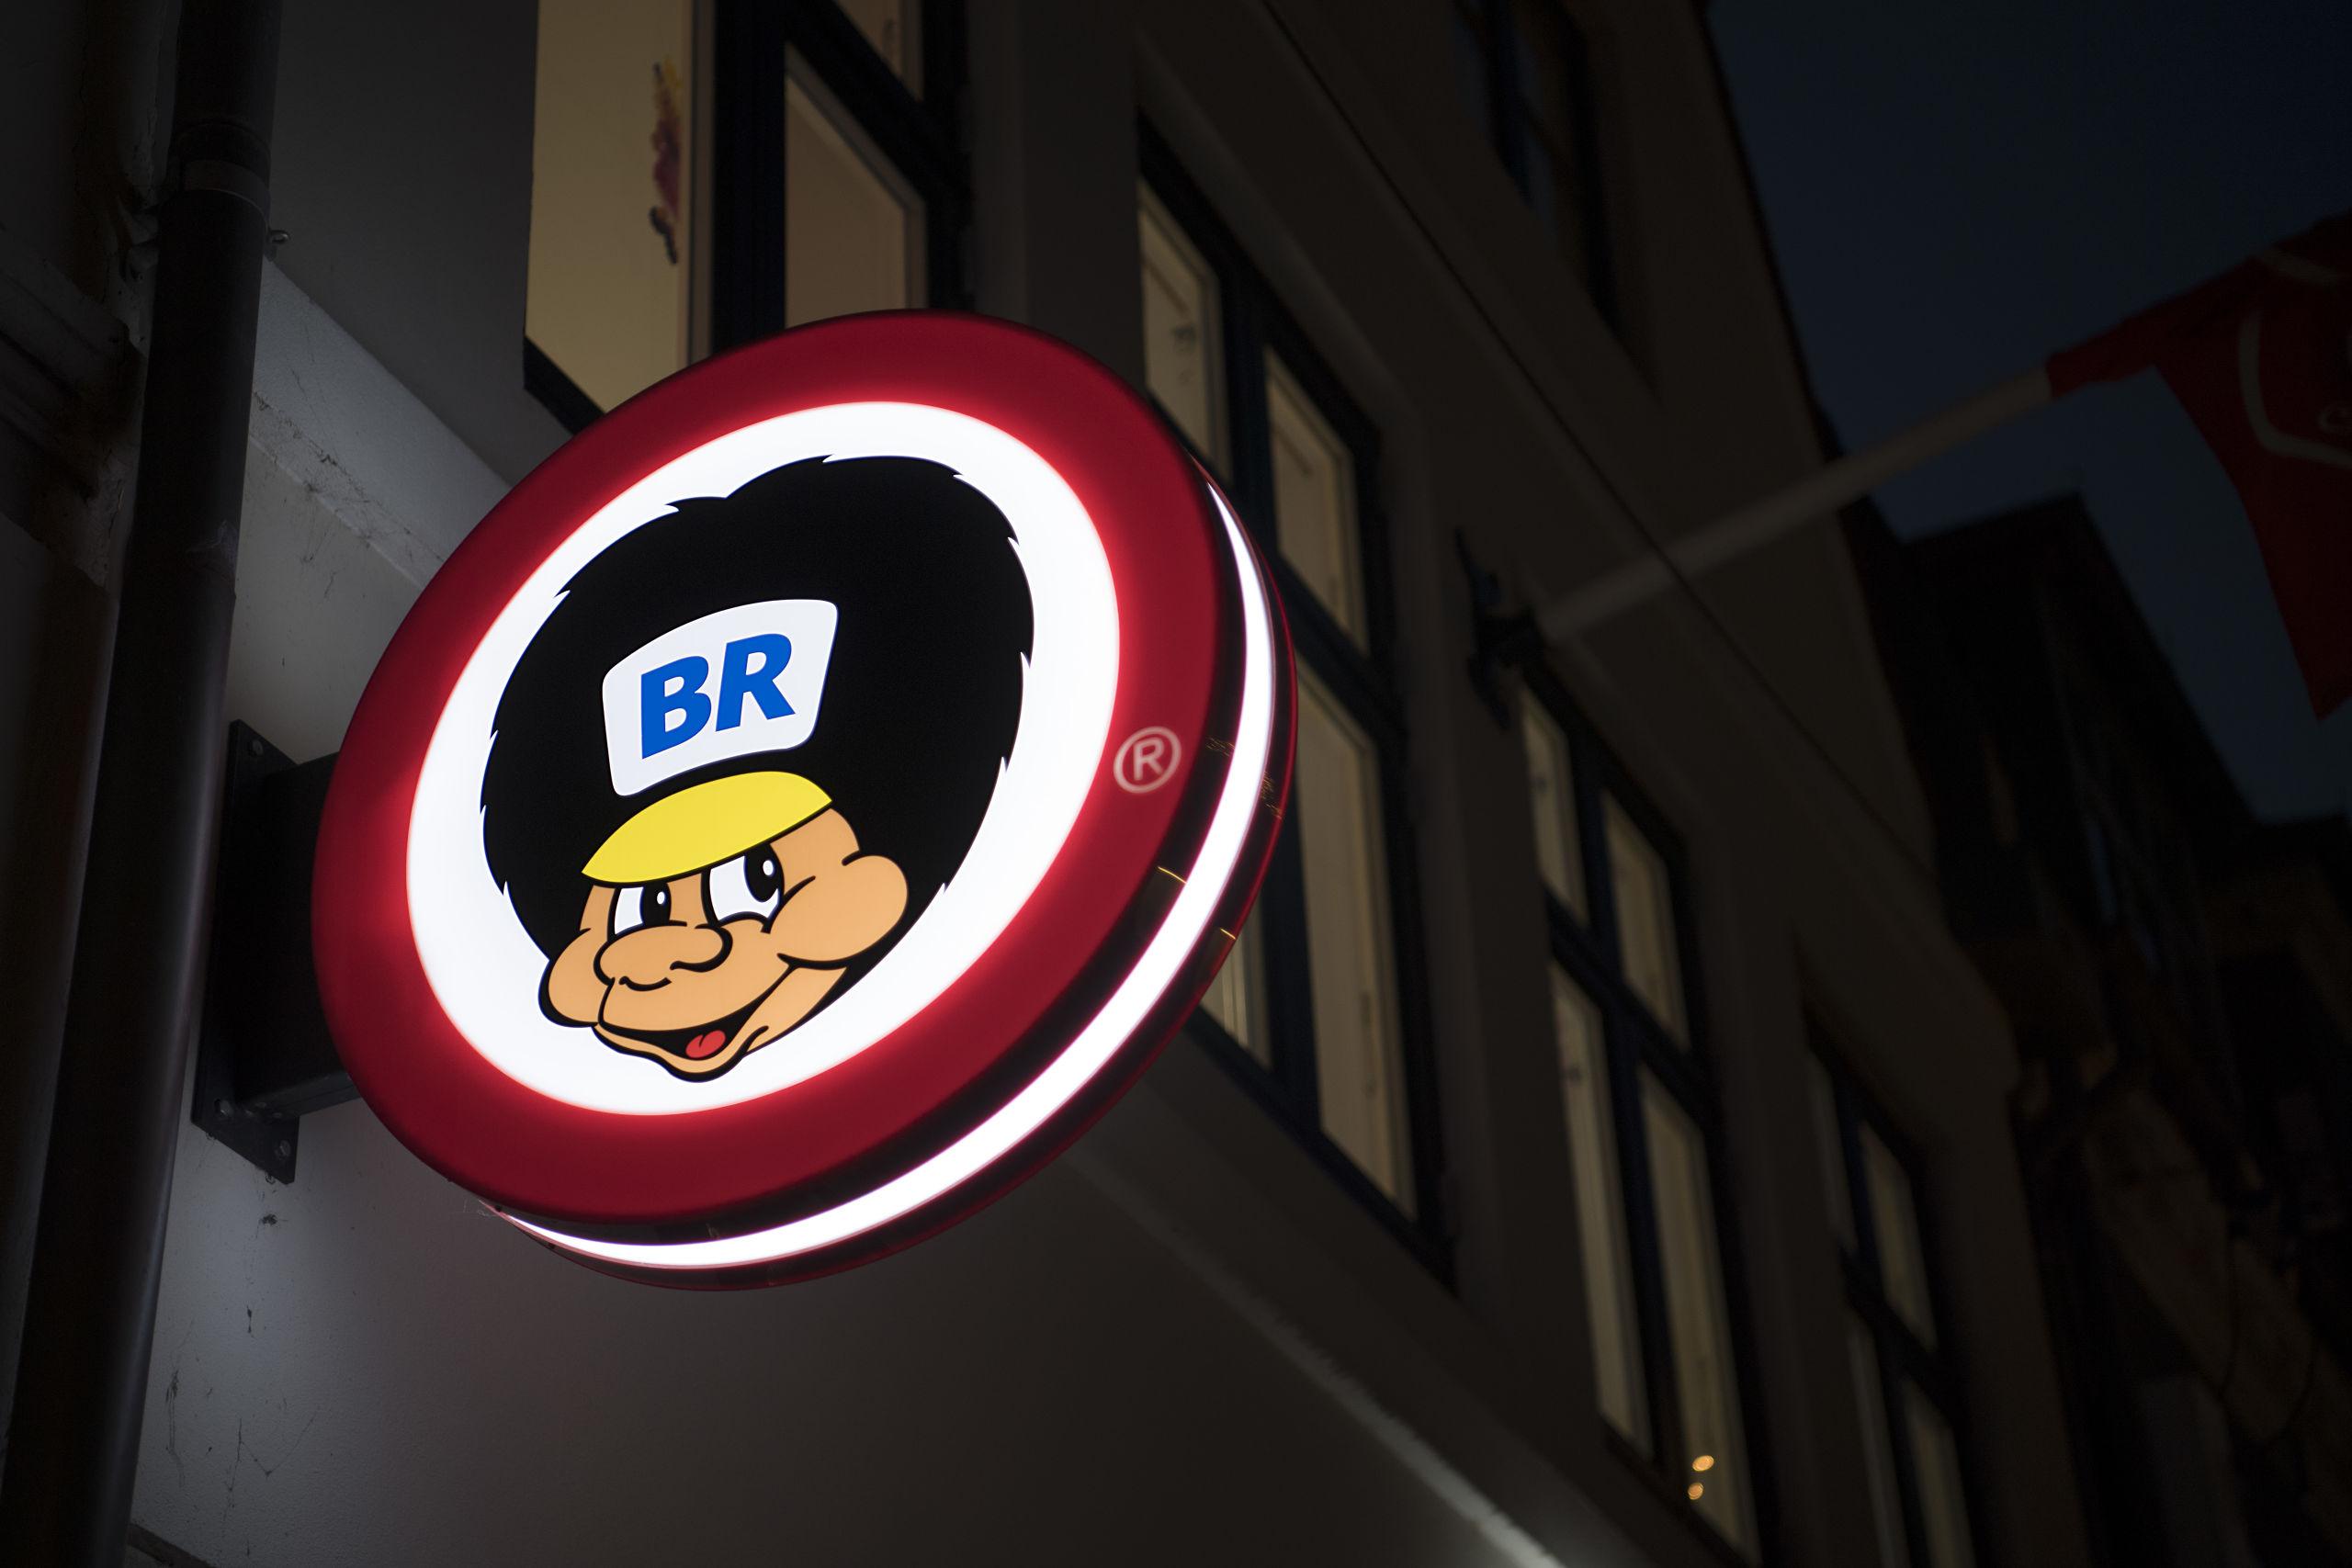 Aalborg får endnu en BR